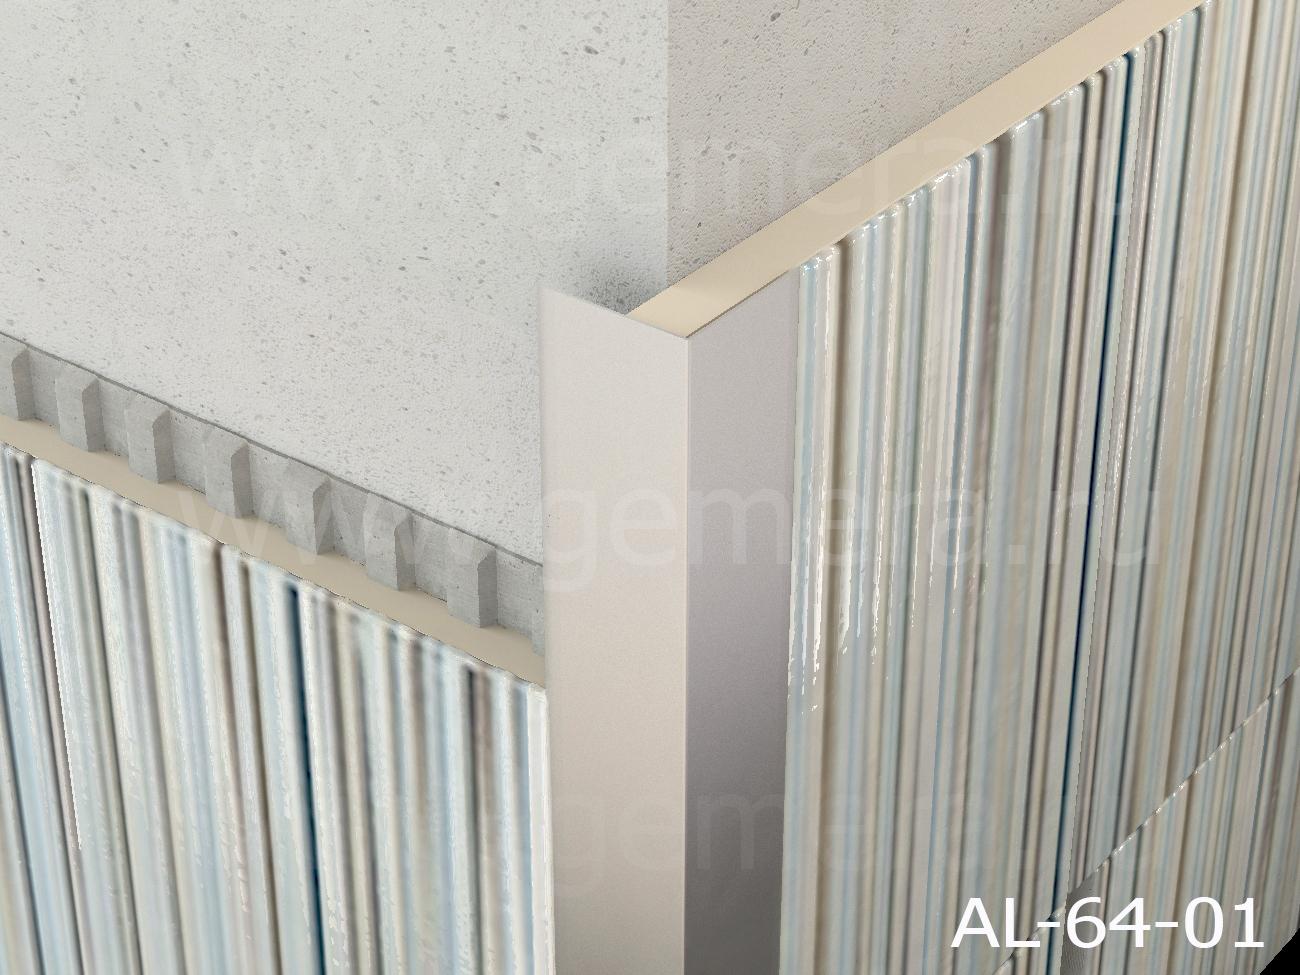 Уголок алюминиевый защитный Butun AL-64-01